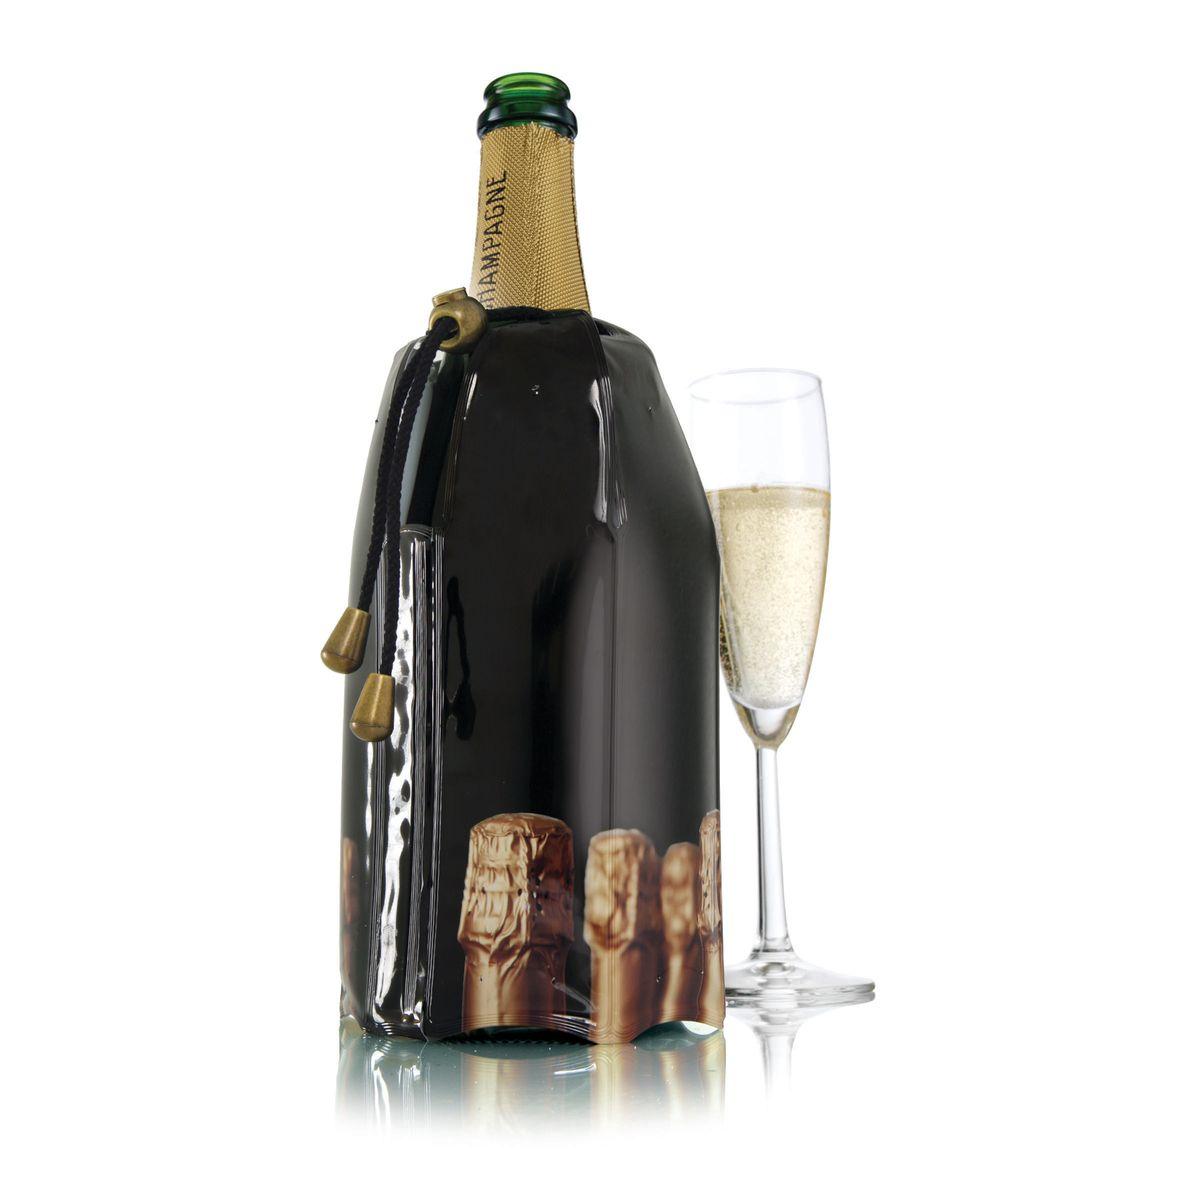 Rafraîchisseur à champagne, décor bouchons - Vacu vin